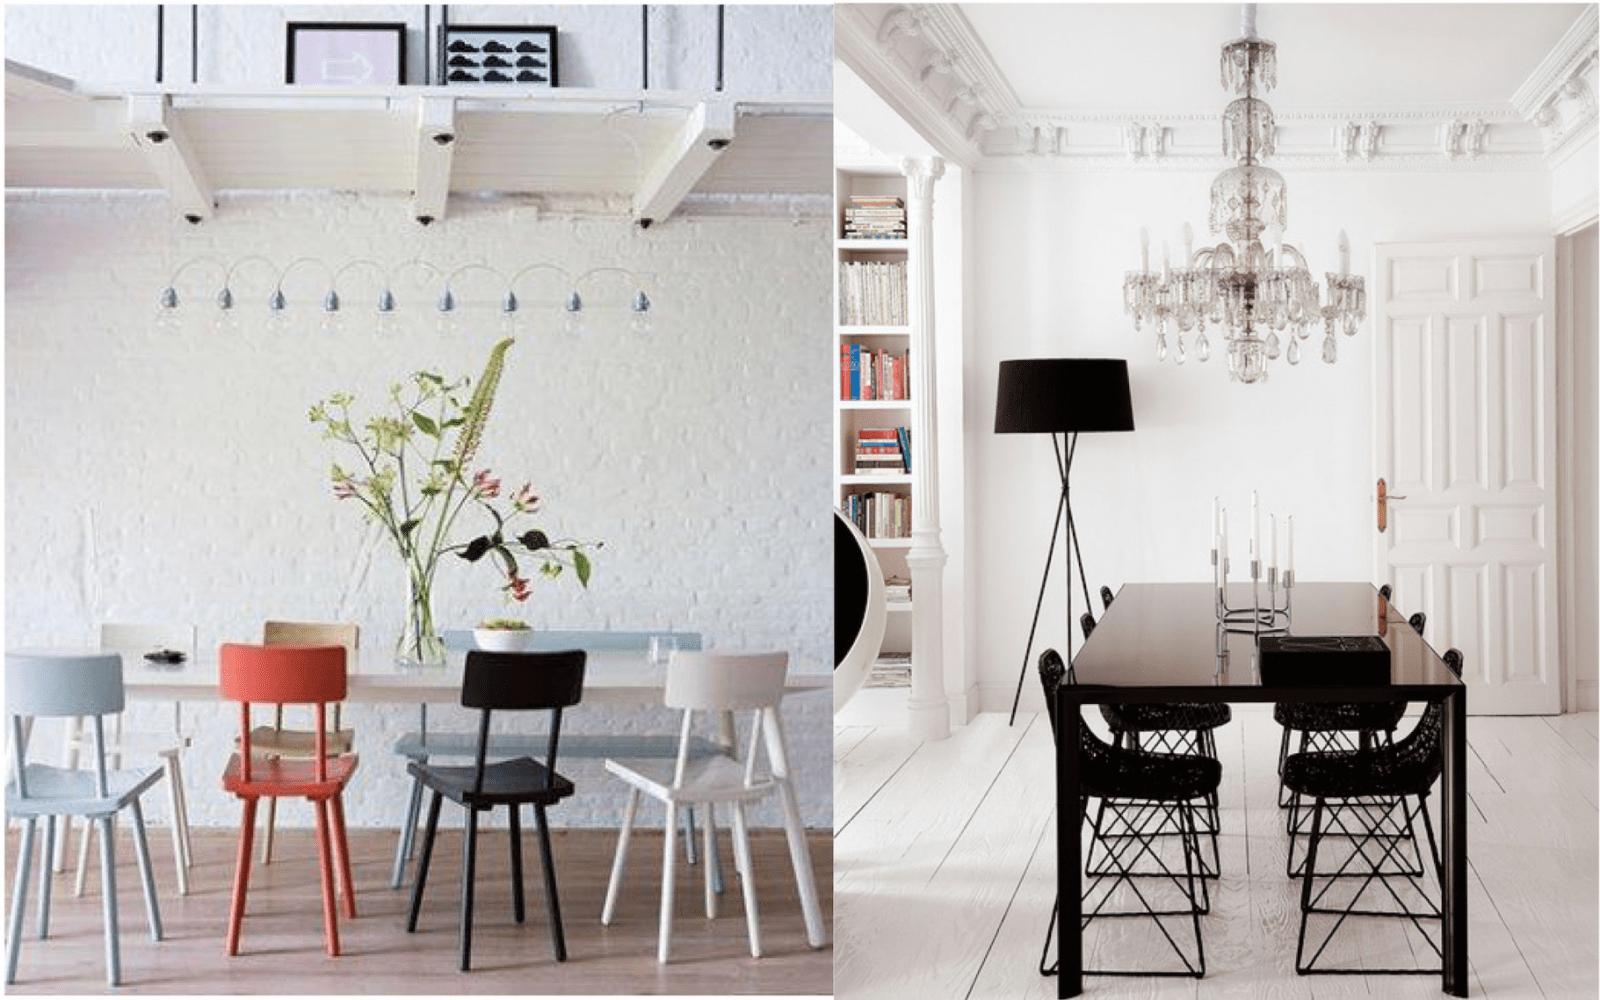 Tische Und Stühle – Die Neuen Kombinationen  Sweet Home von Antiker Esstisch Mit Stühlen Bild